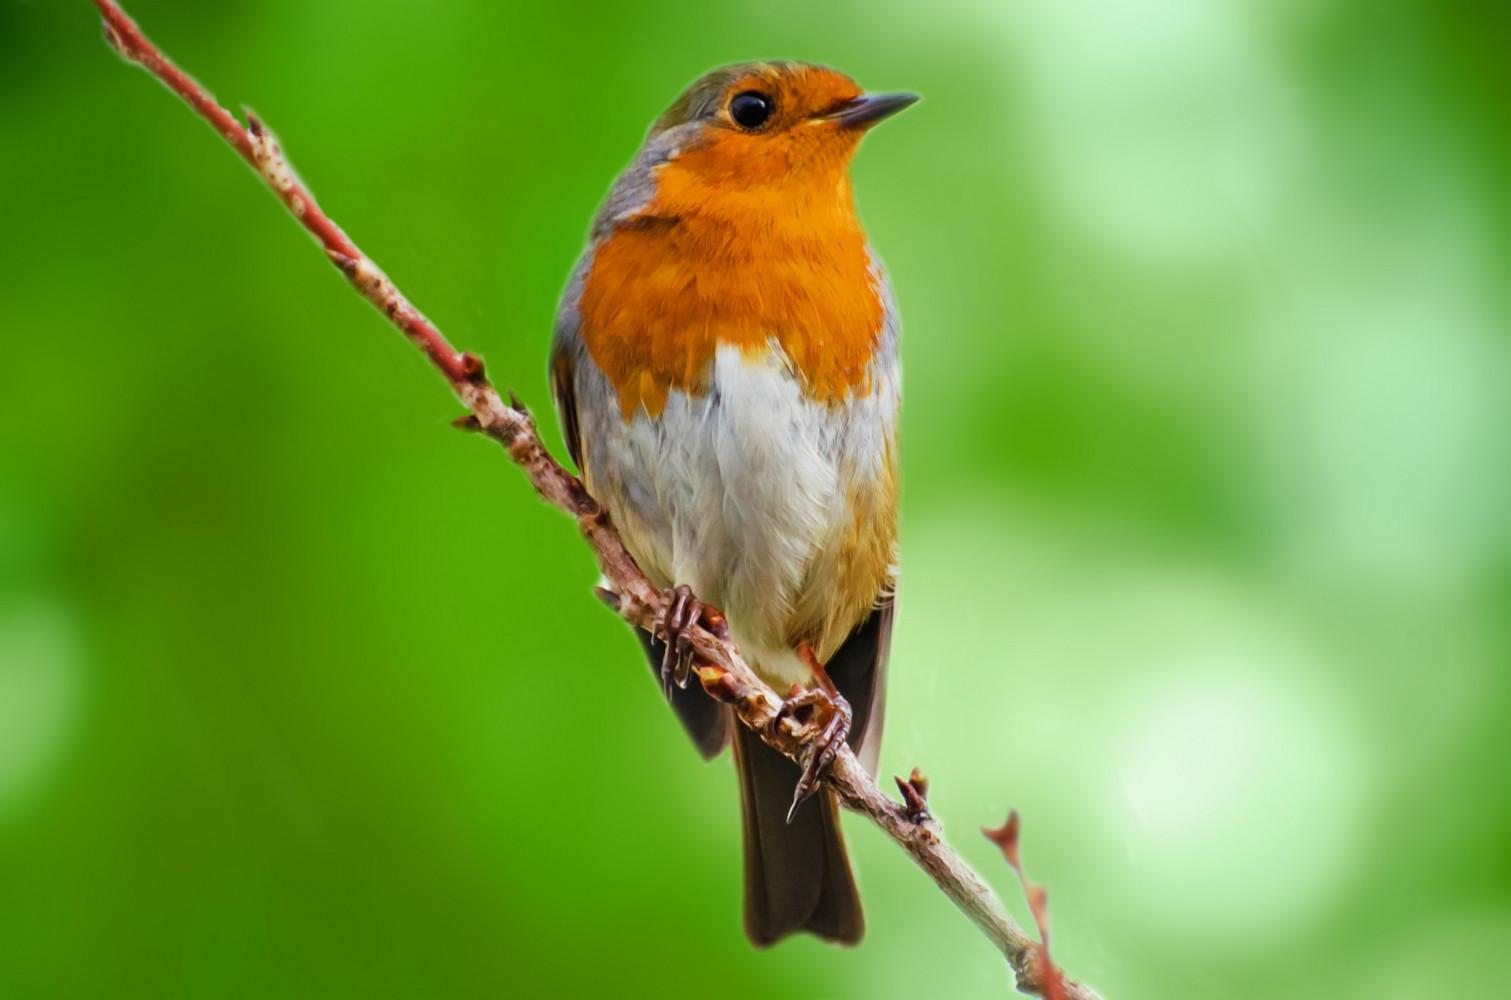 De vogels fluiten weer! Hoe klinken ze in de bijbel?